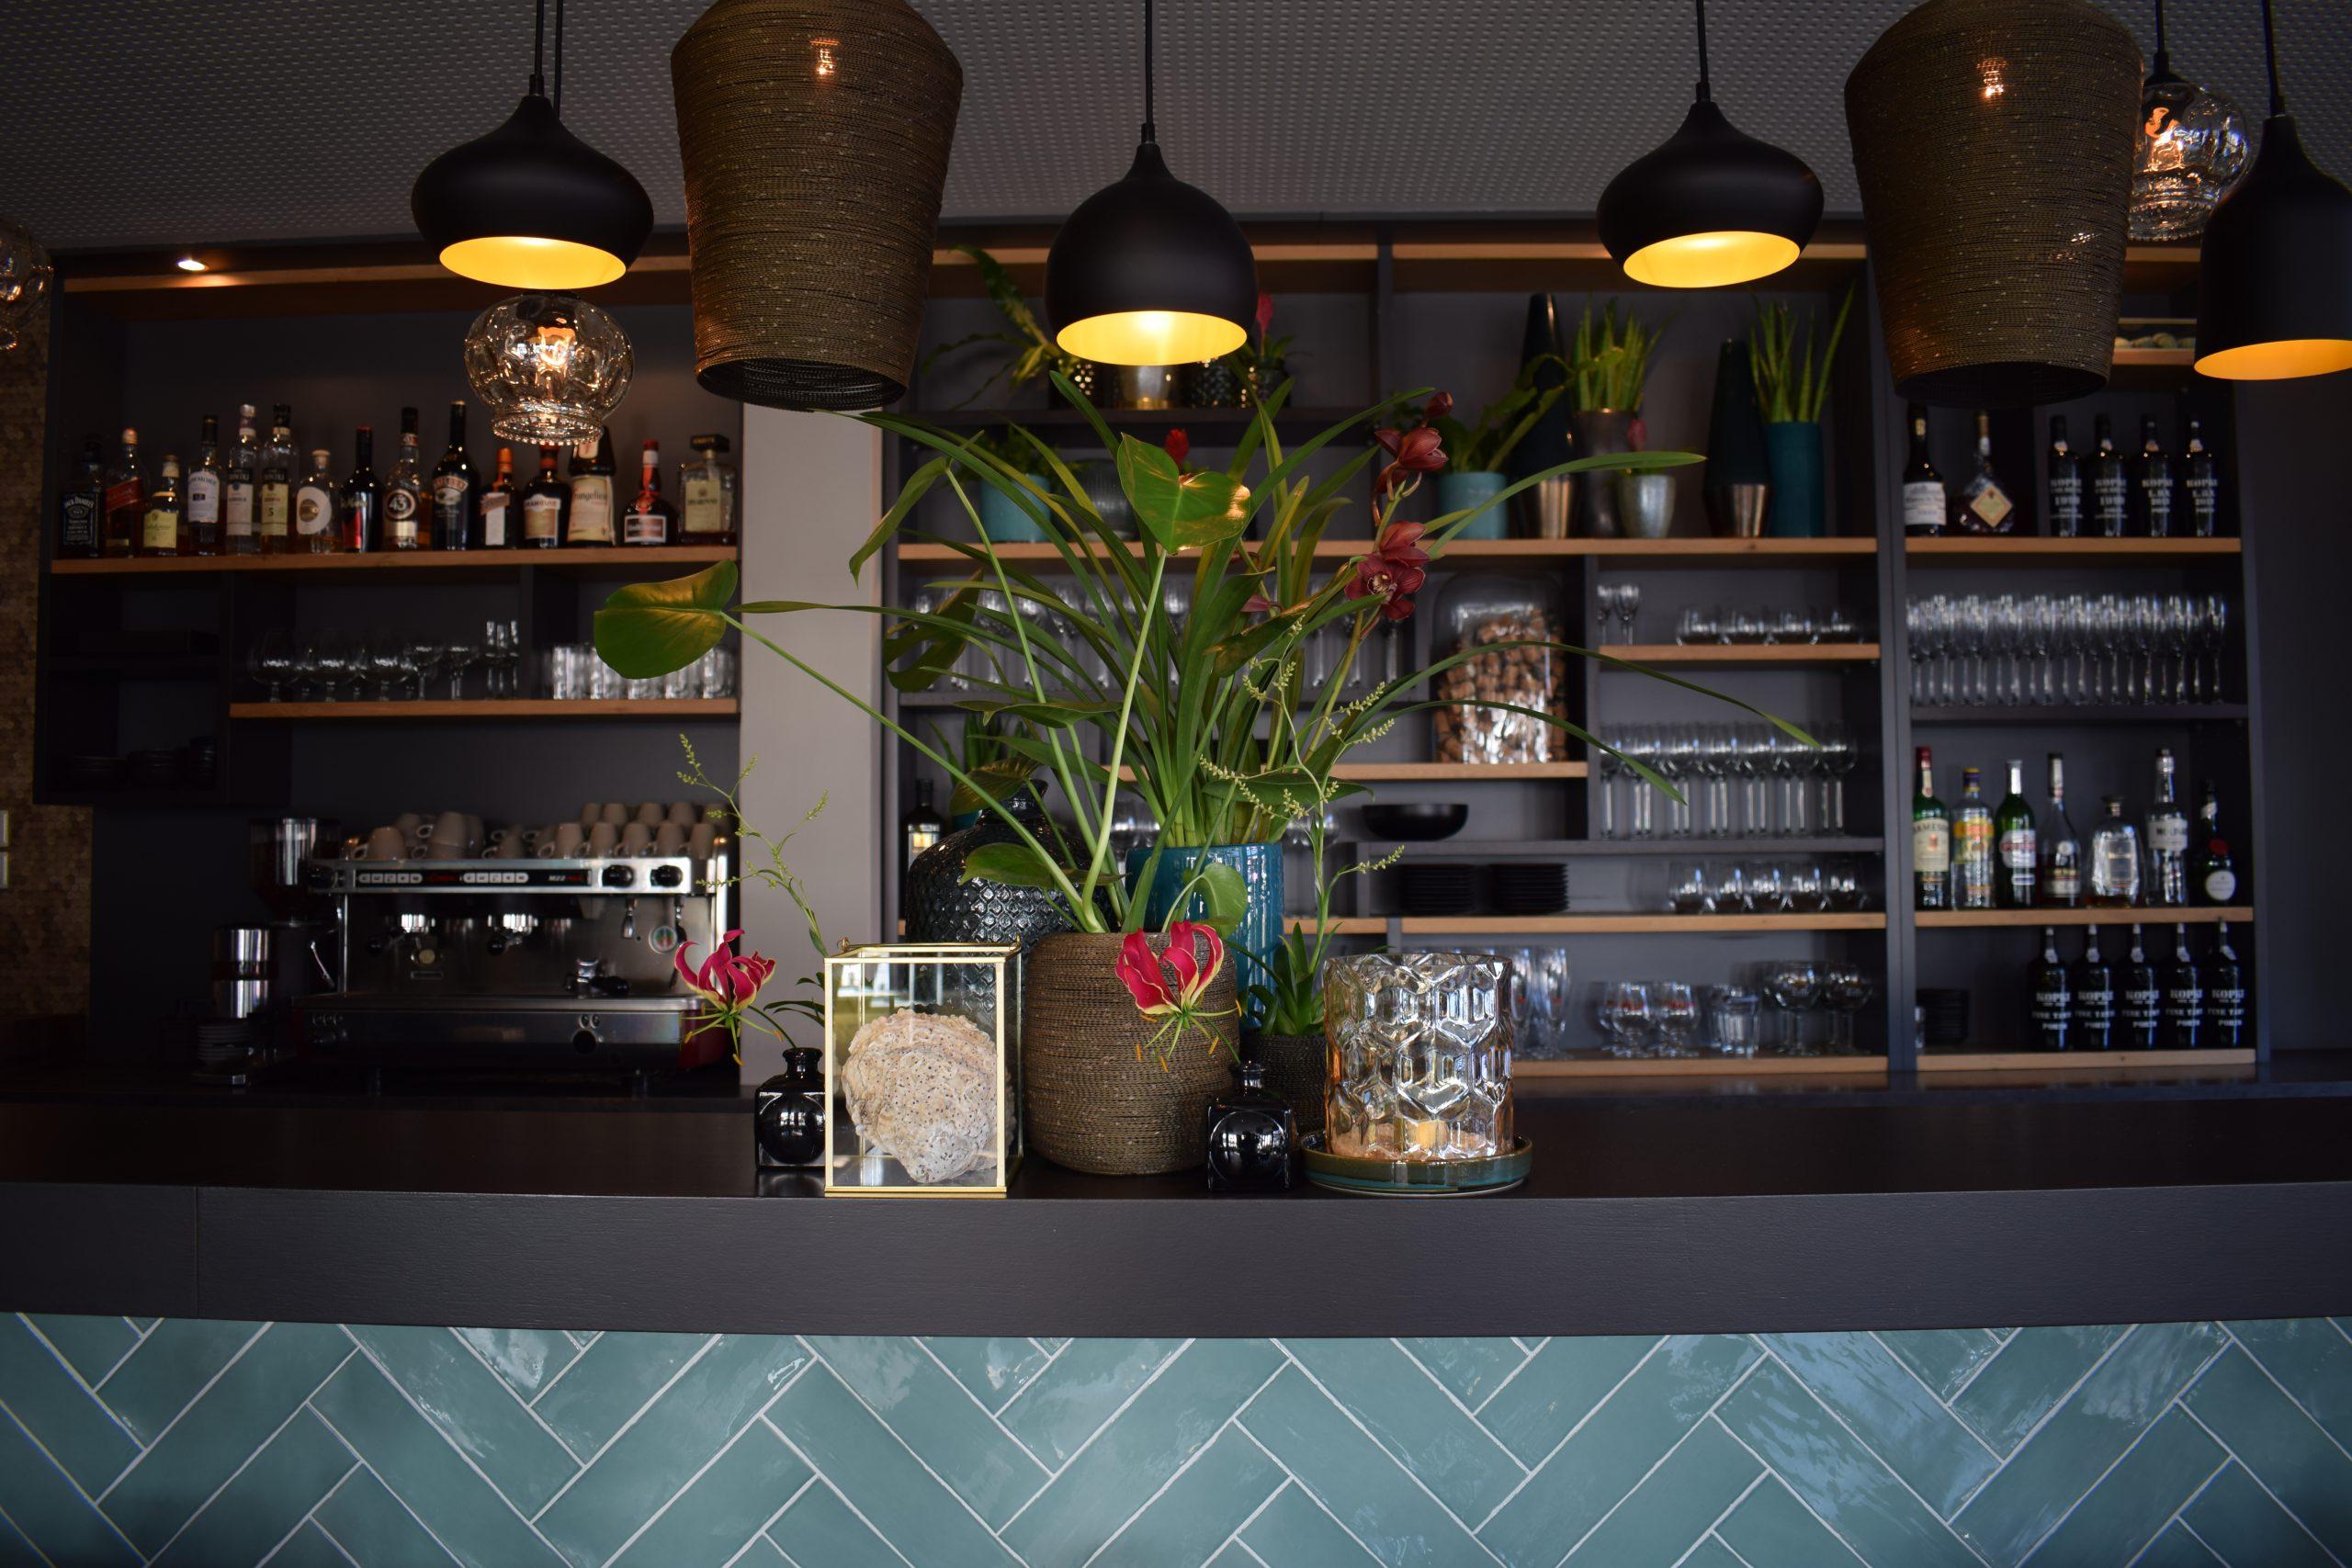 Bar opgemaakt met rode bloemen.